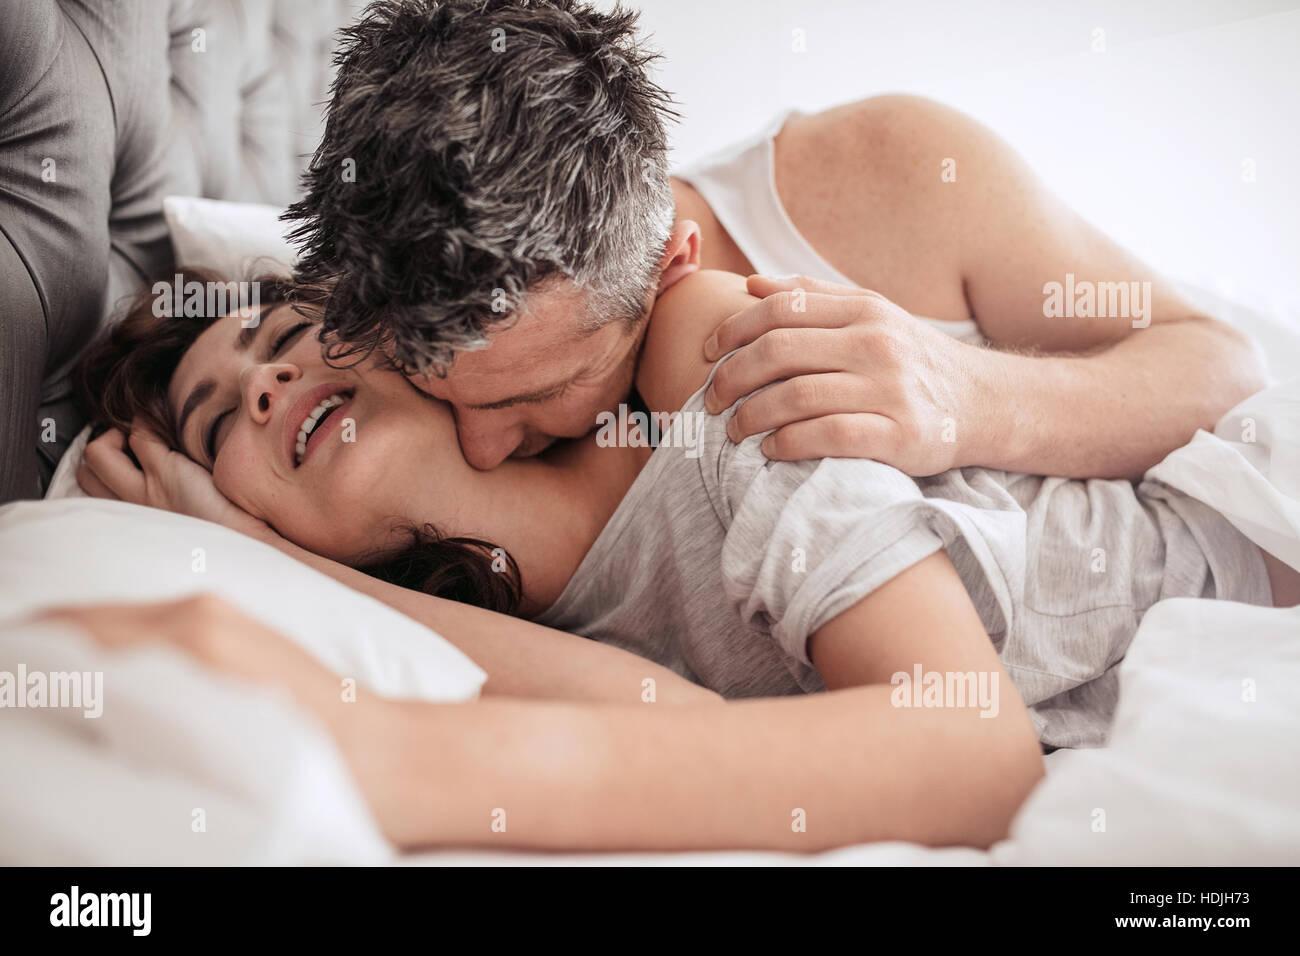 jennifer ellison fake sex